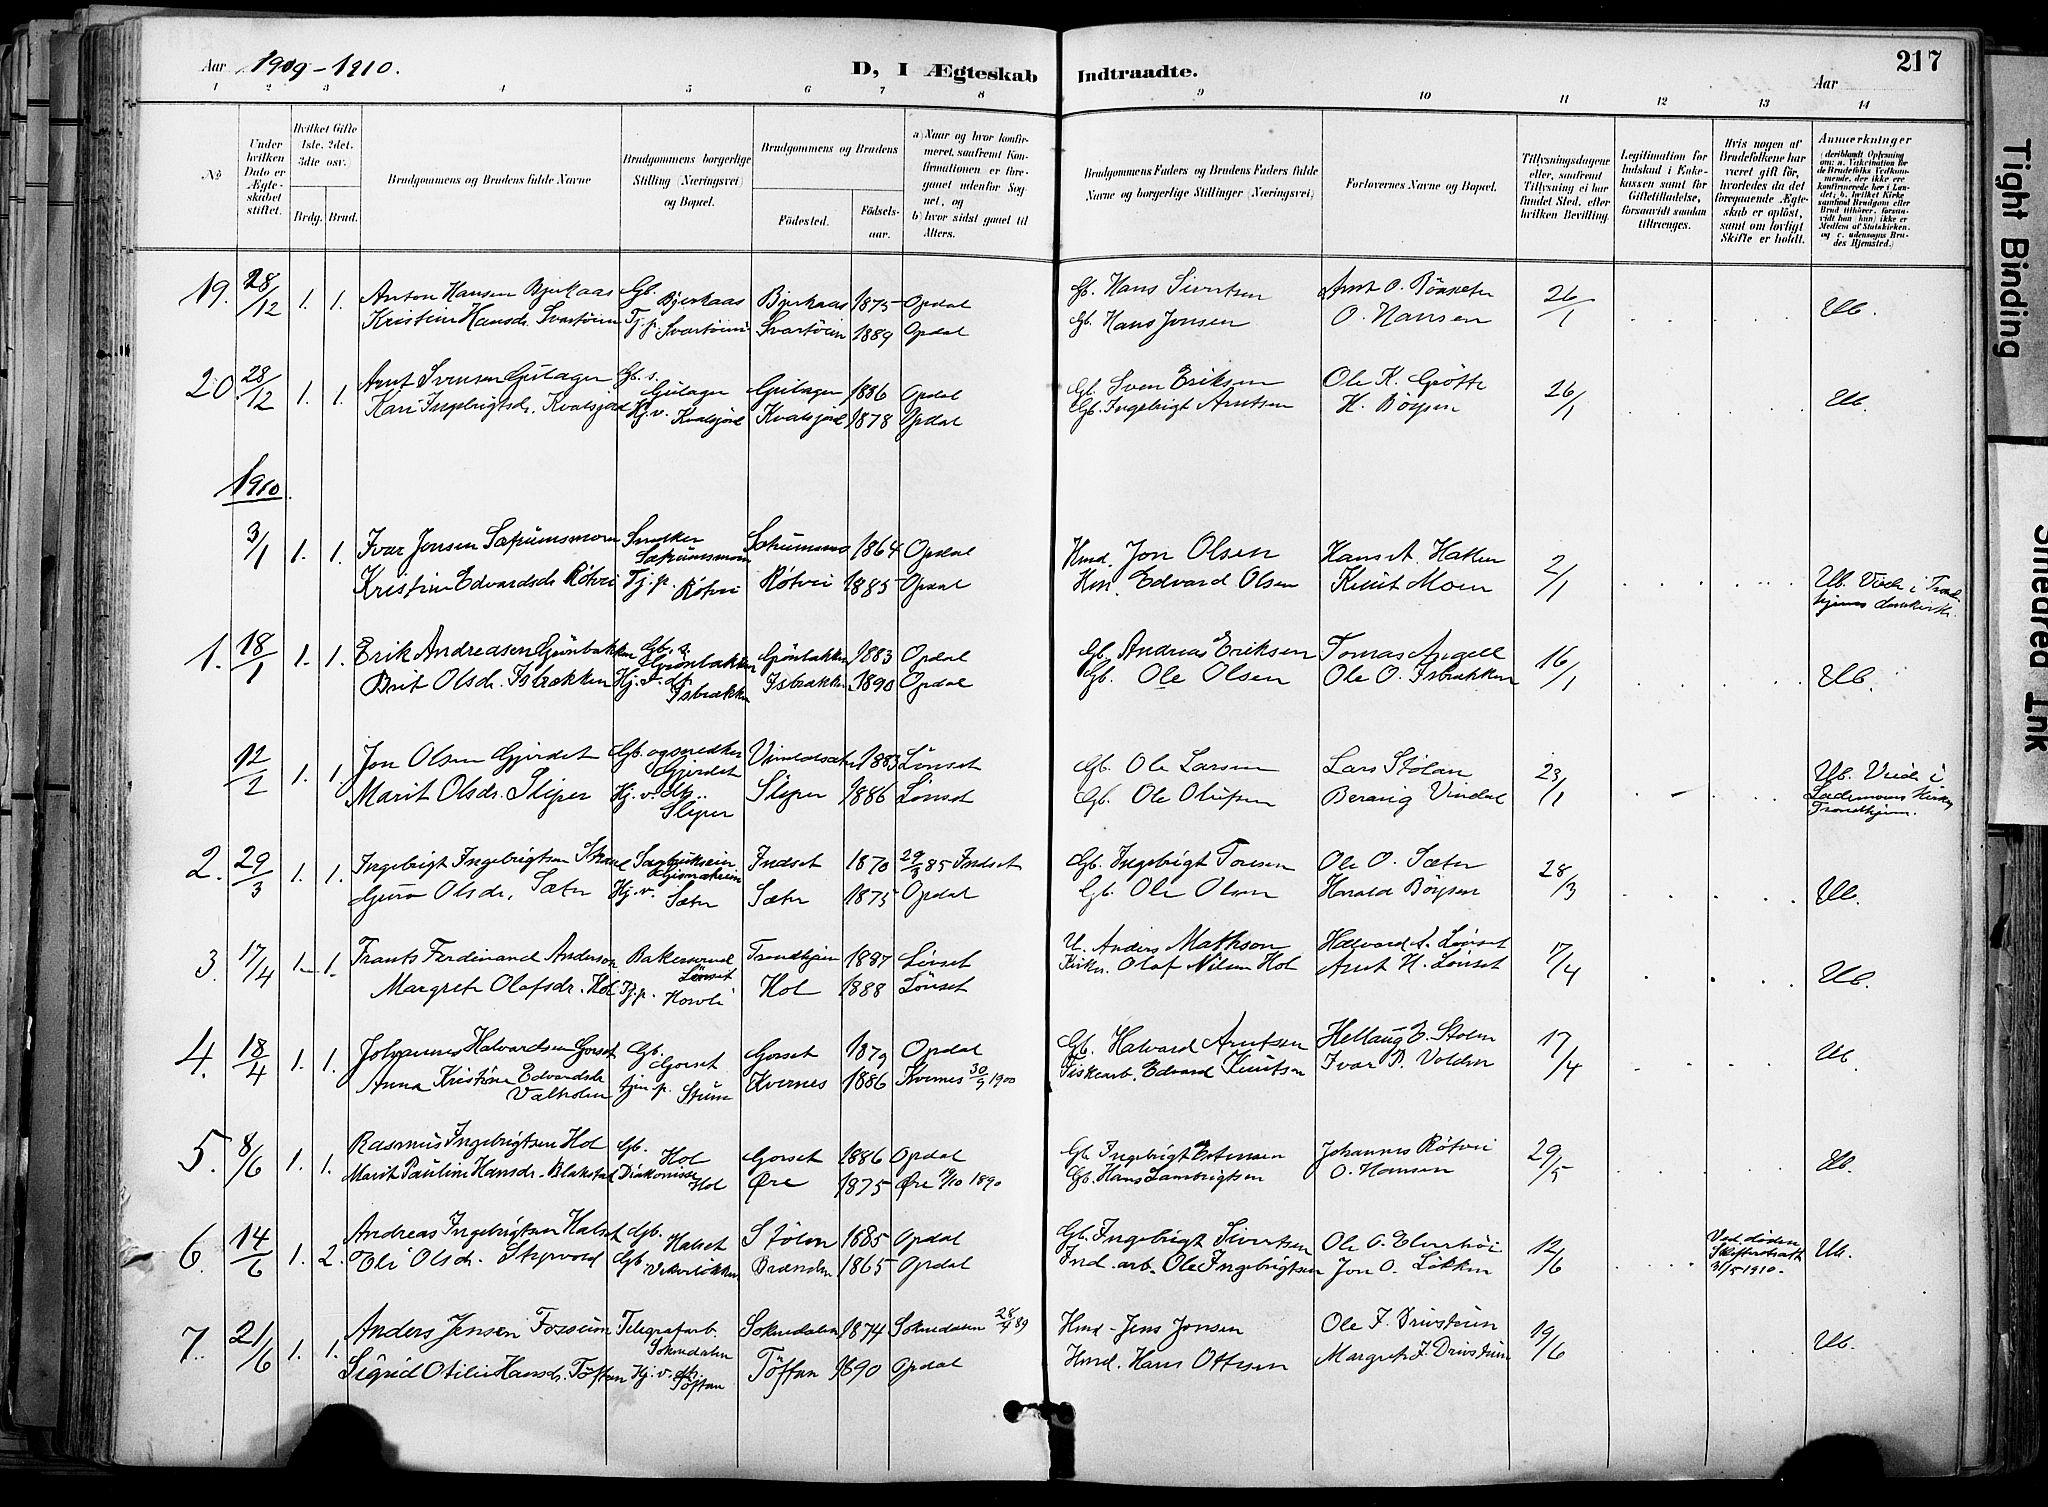 SAT, Ministerialprotokoller, klokkerbøker og fødselsregistre - Sør-Trøndelag, 678/L0902: Ministerialbok nr. 678A11, 1895-1911, s. 217